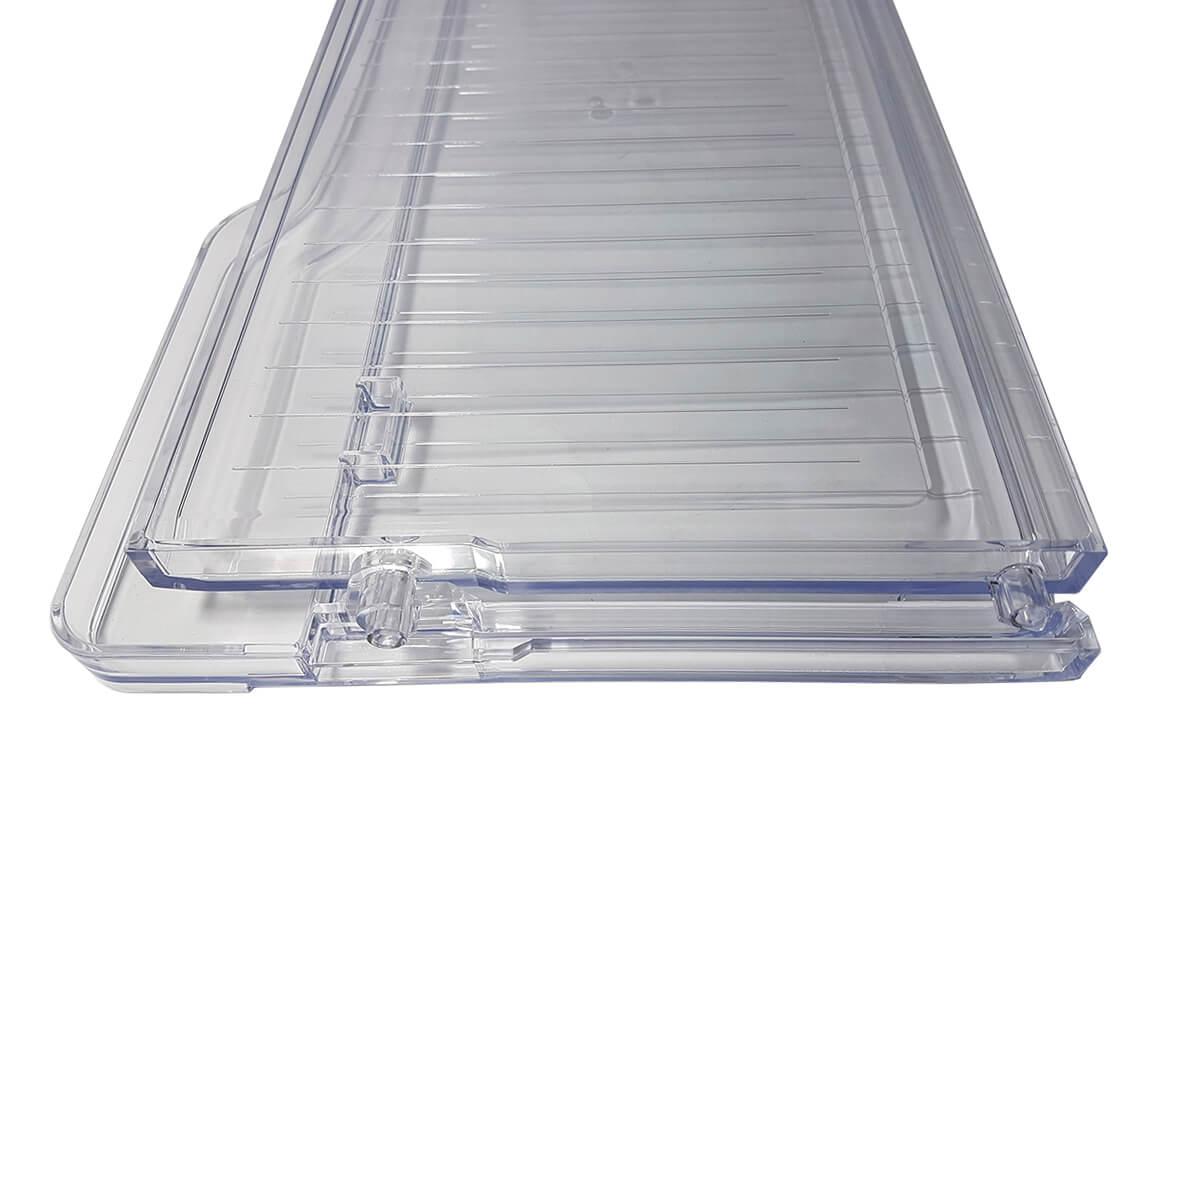 Prateleira Retrátil Chilled Room Para Refrigerador Electrolux - 70002552